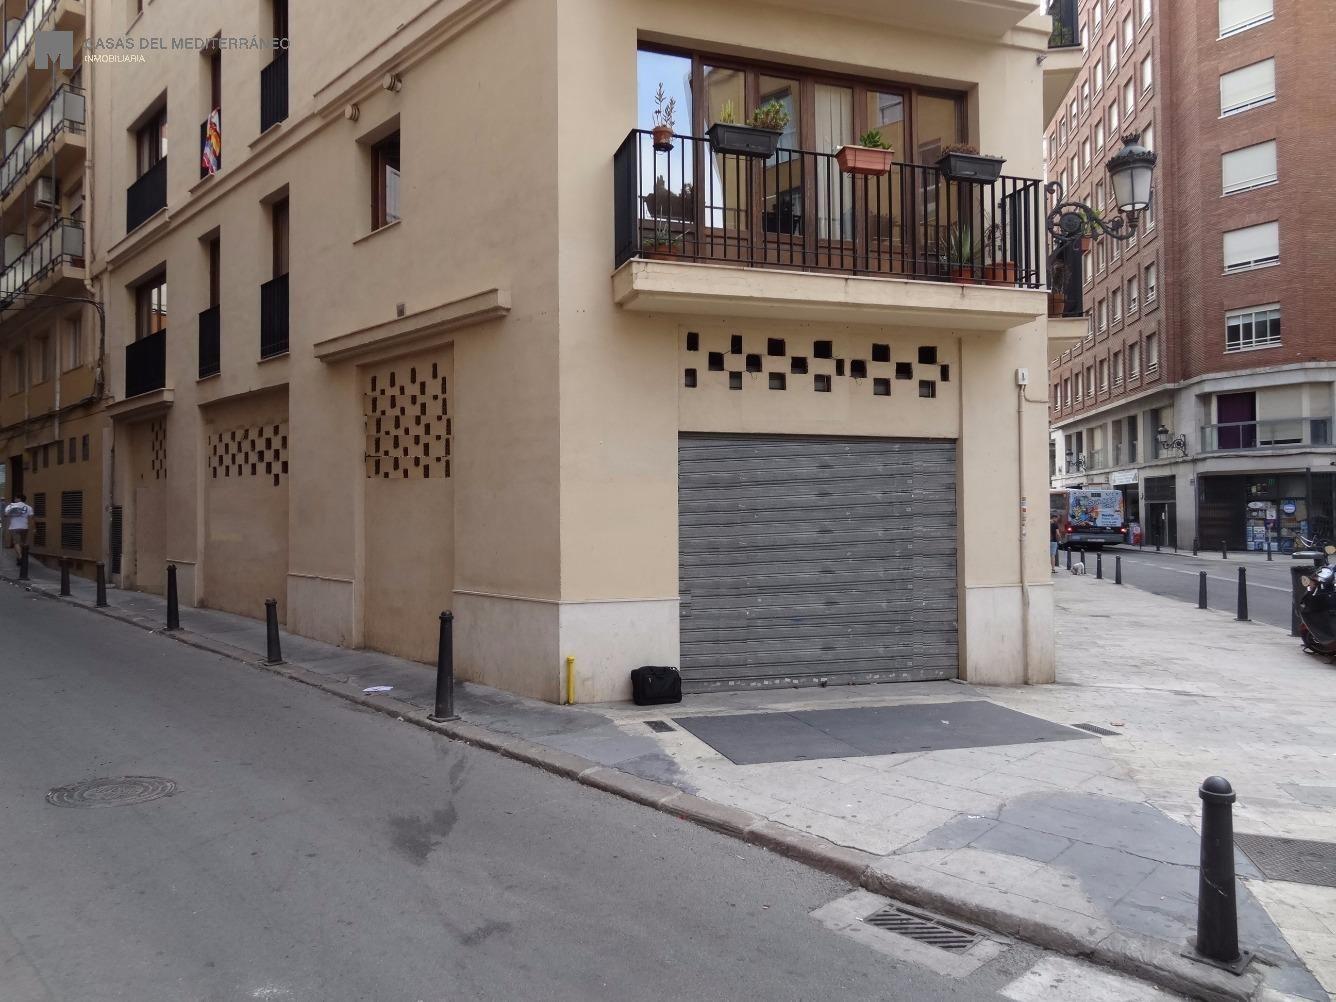 Local Comercial · Valencia · El Mercat 1.200€ MES€